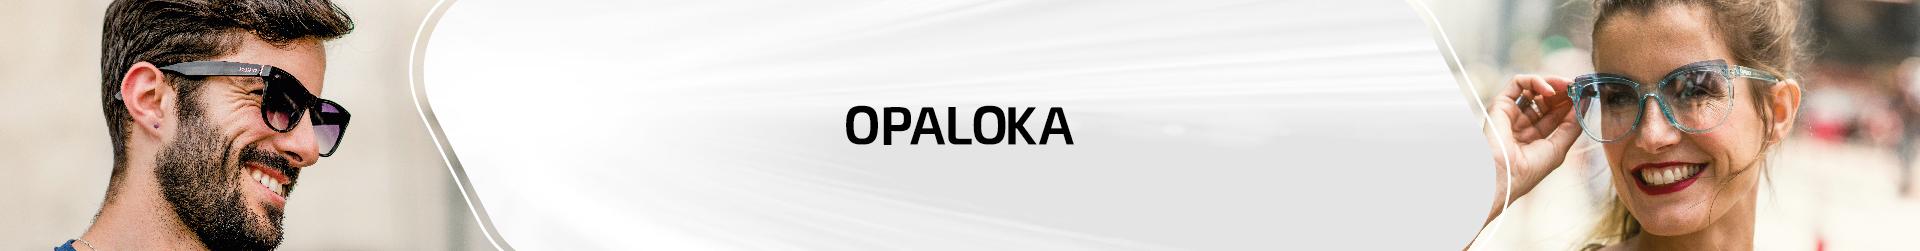 OpaLoka